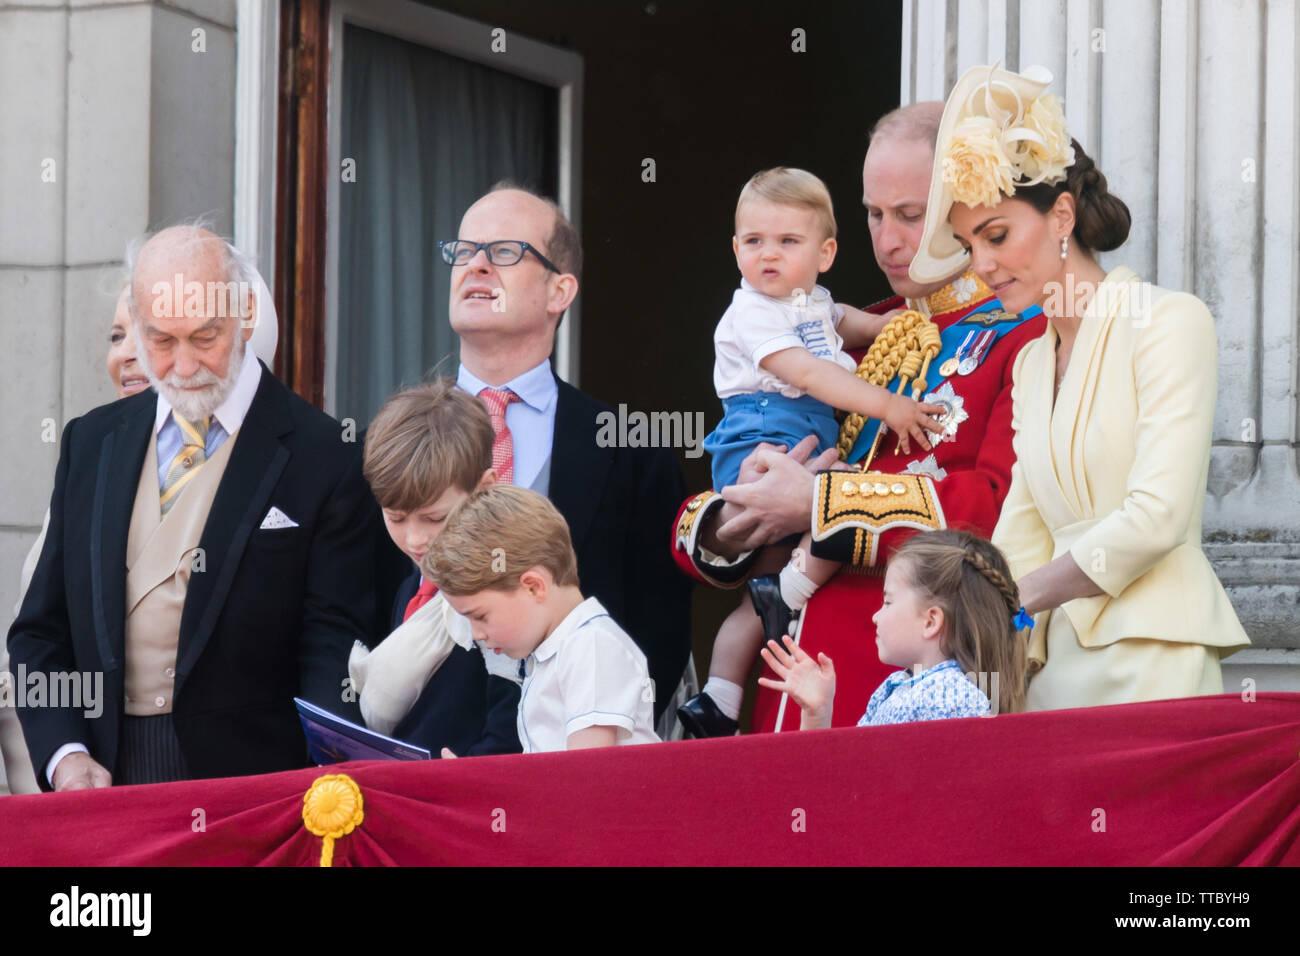 5 años de Prince George Cambridge agarra la RAF flypast folleto desde el Príncipe Michael de Kent's manos.El Palacio de Buckingham balcón, Trooping el Color Foto de stock